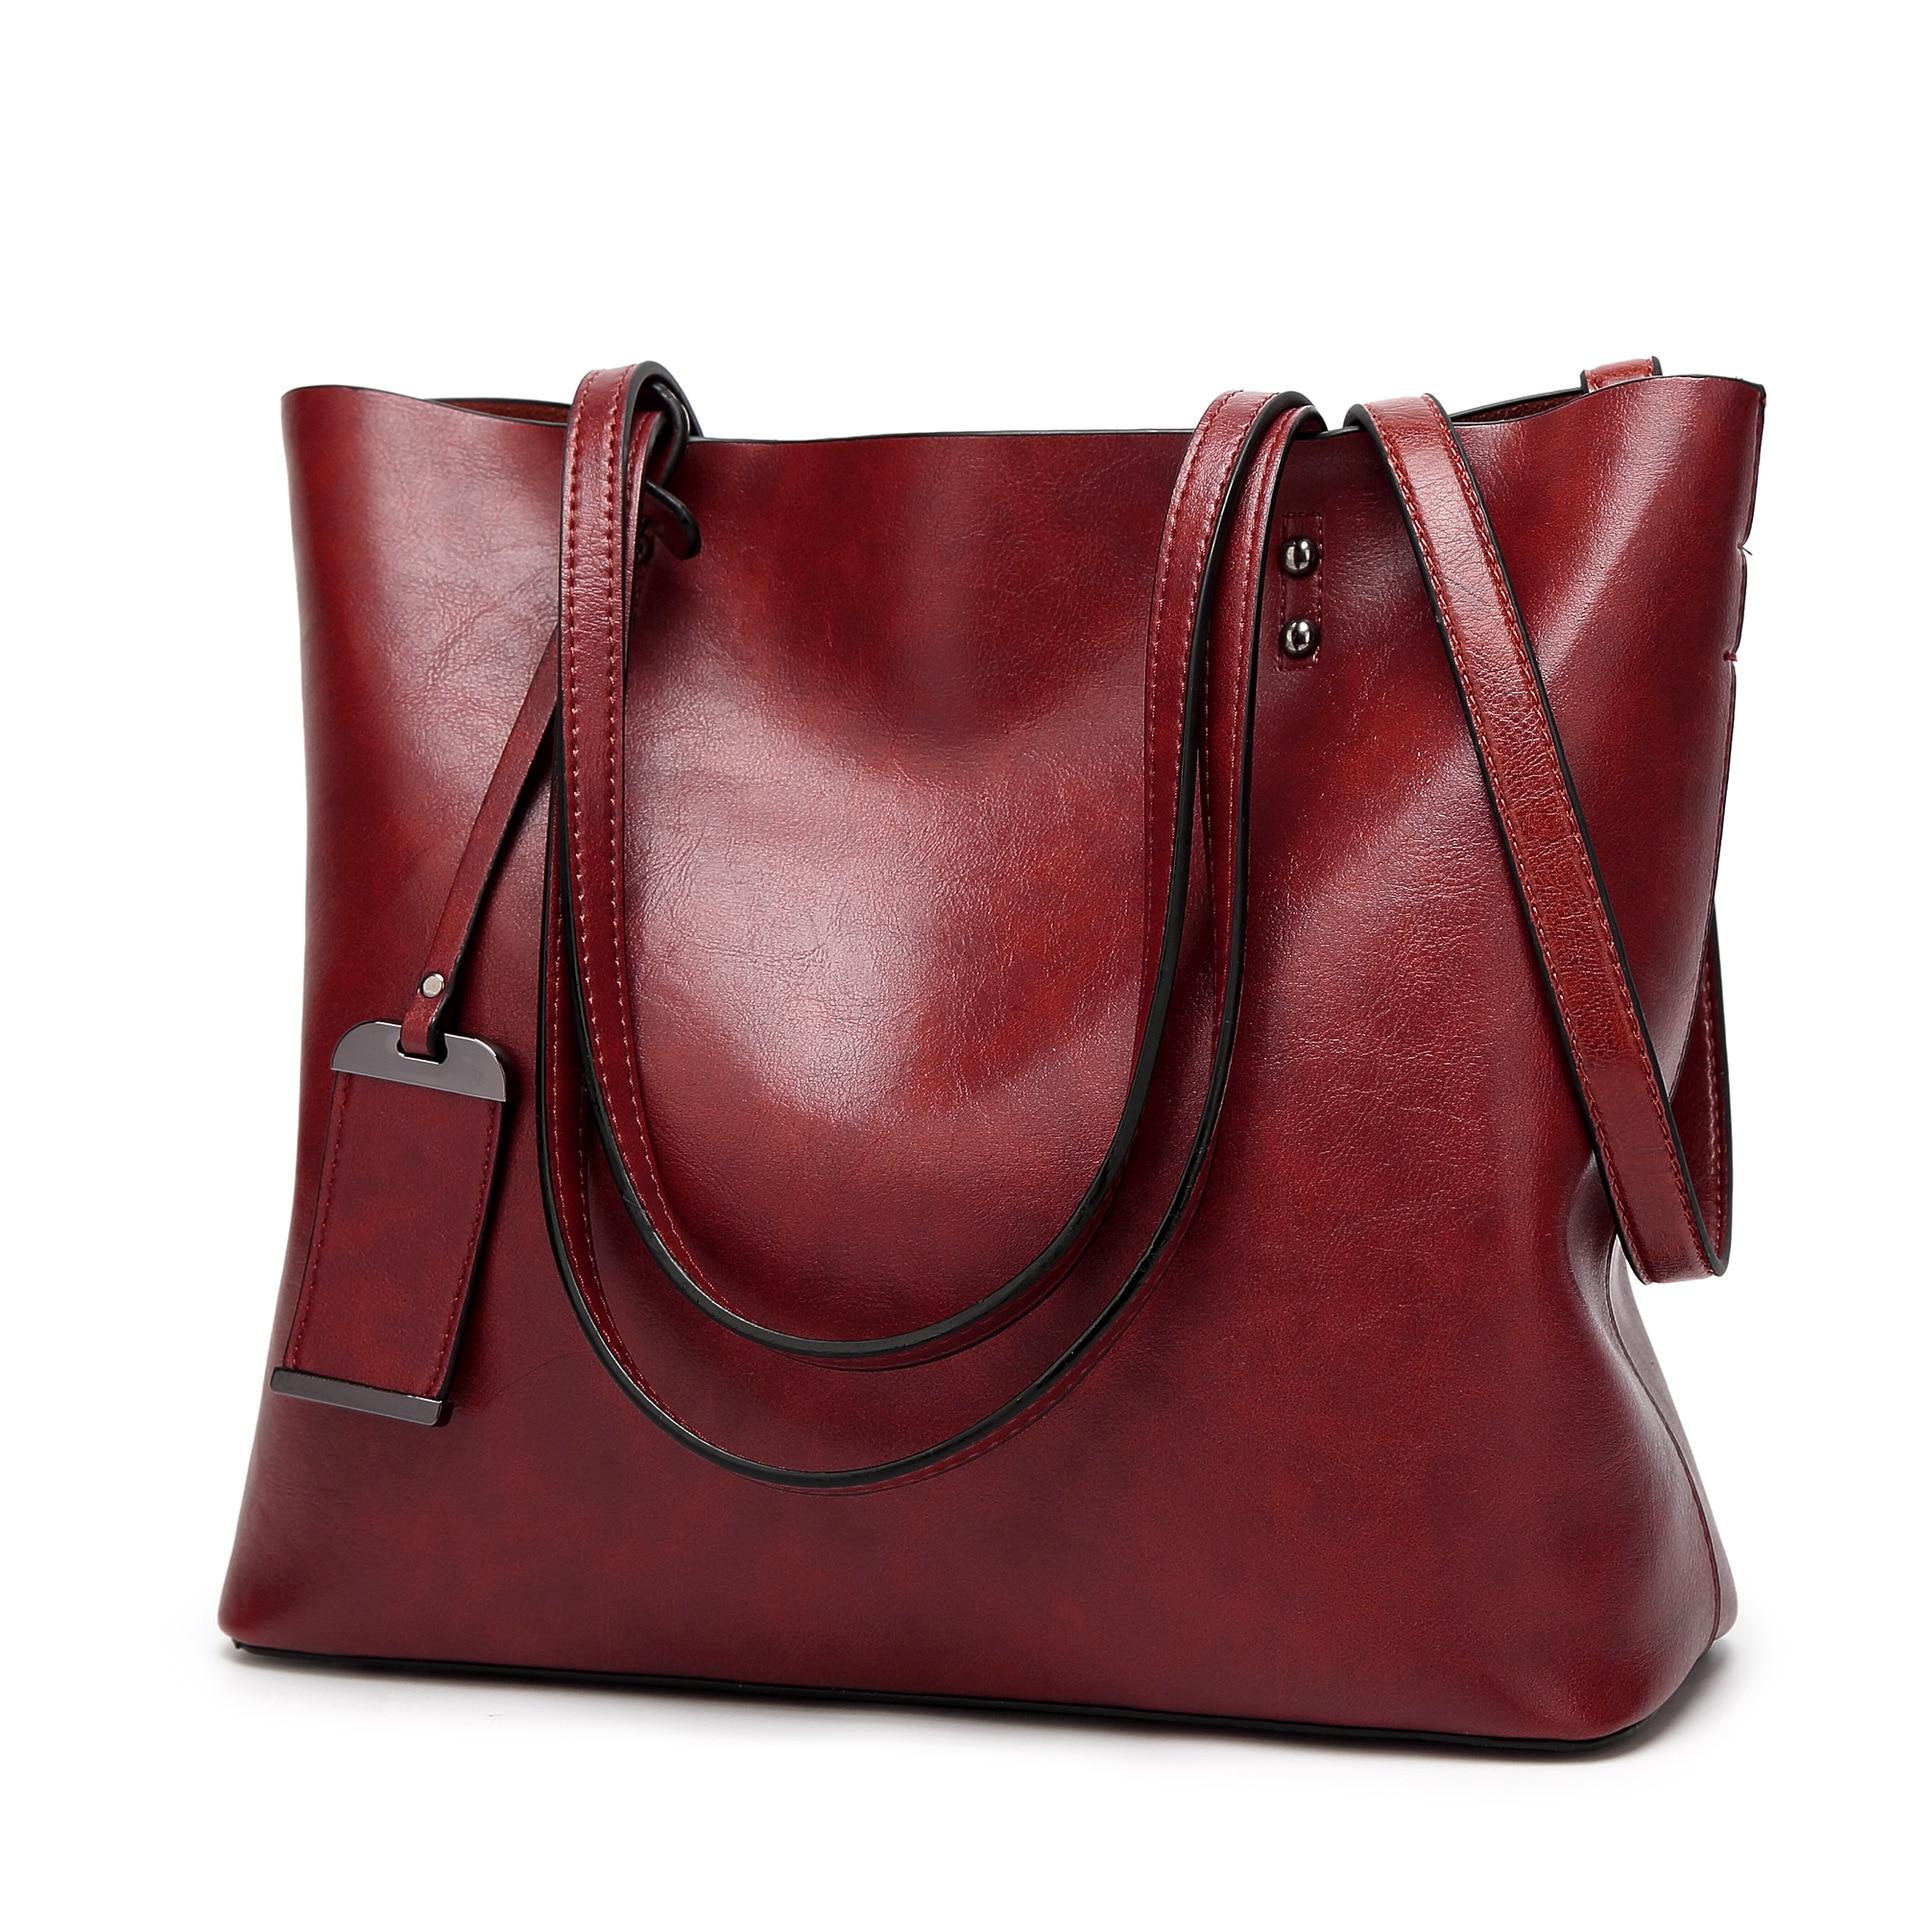 Image 3 - Высокое качество, хит продаж, женские повседневные сумки, масло, воск, кожа, женская сумка на плечо, дизайнерская женская винтажная сумка через плечо, большая C1079-in Сумки с ручками from Багаж и сумки